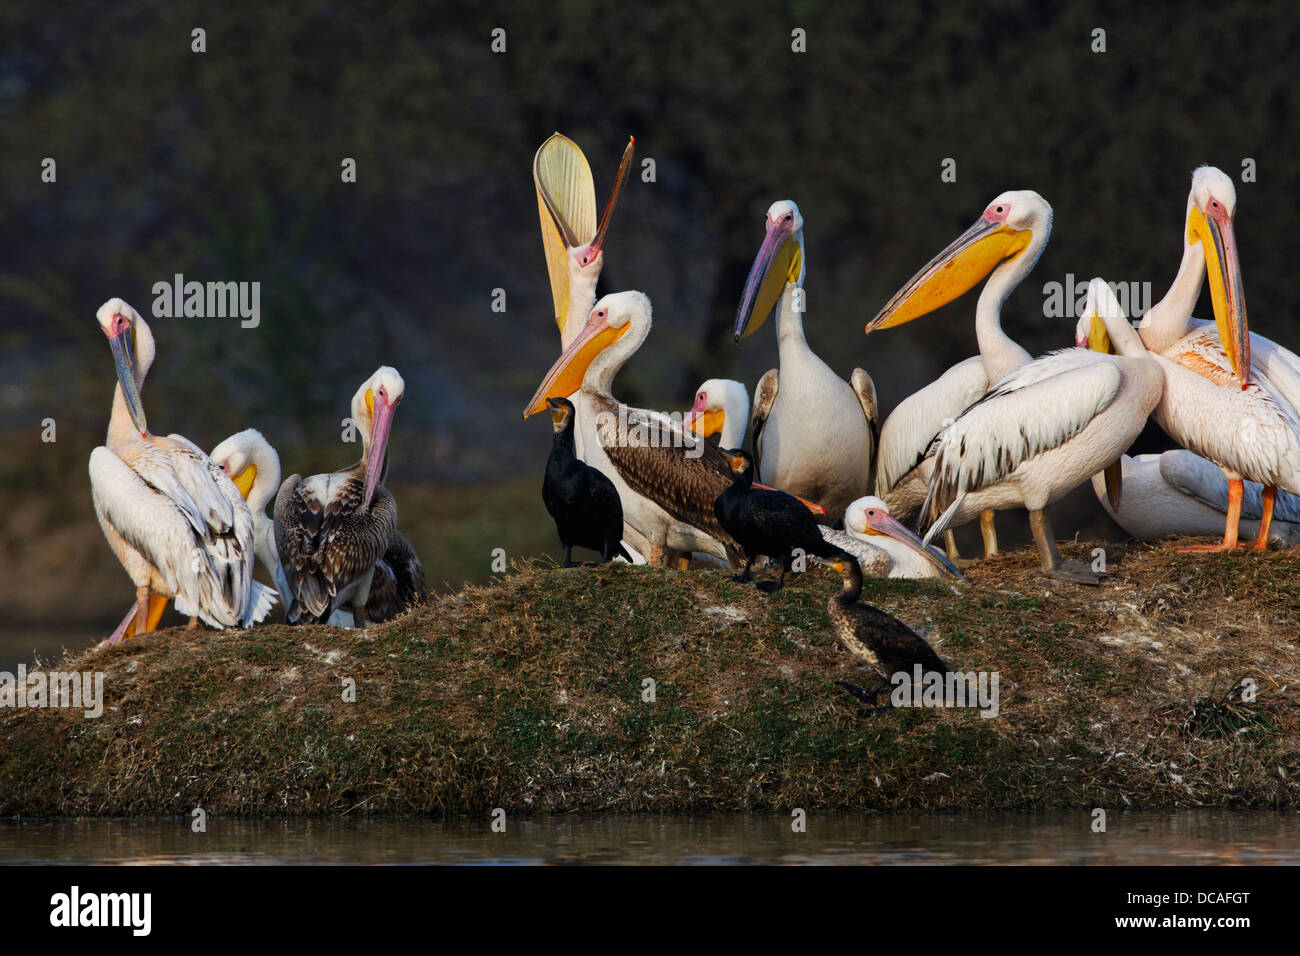 Great White Pelicans ( Pelecanus onocrotalus ) India. Stock Photo